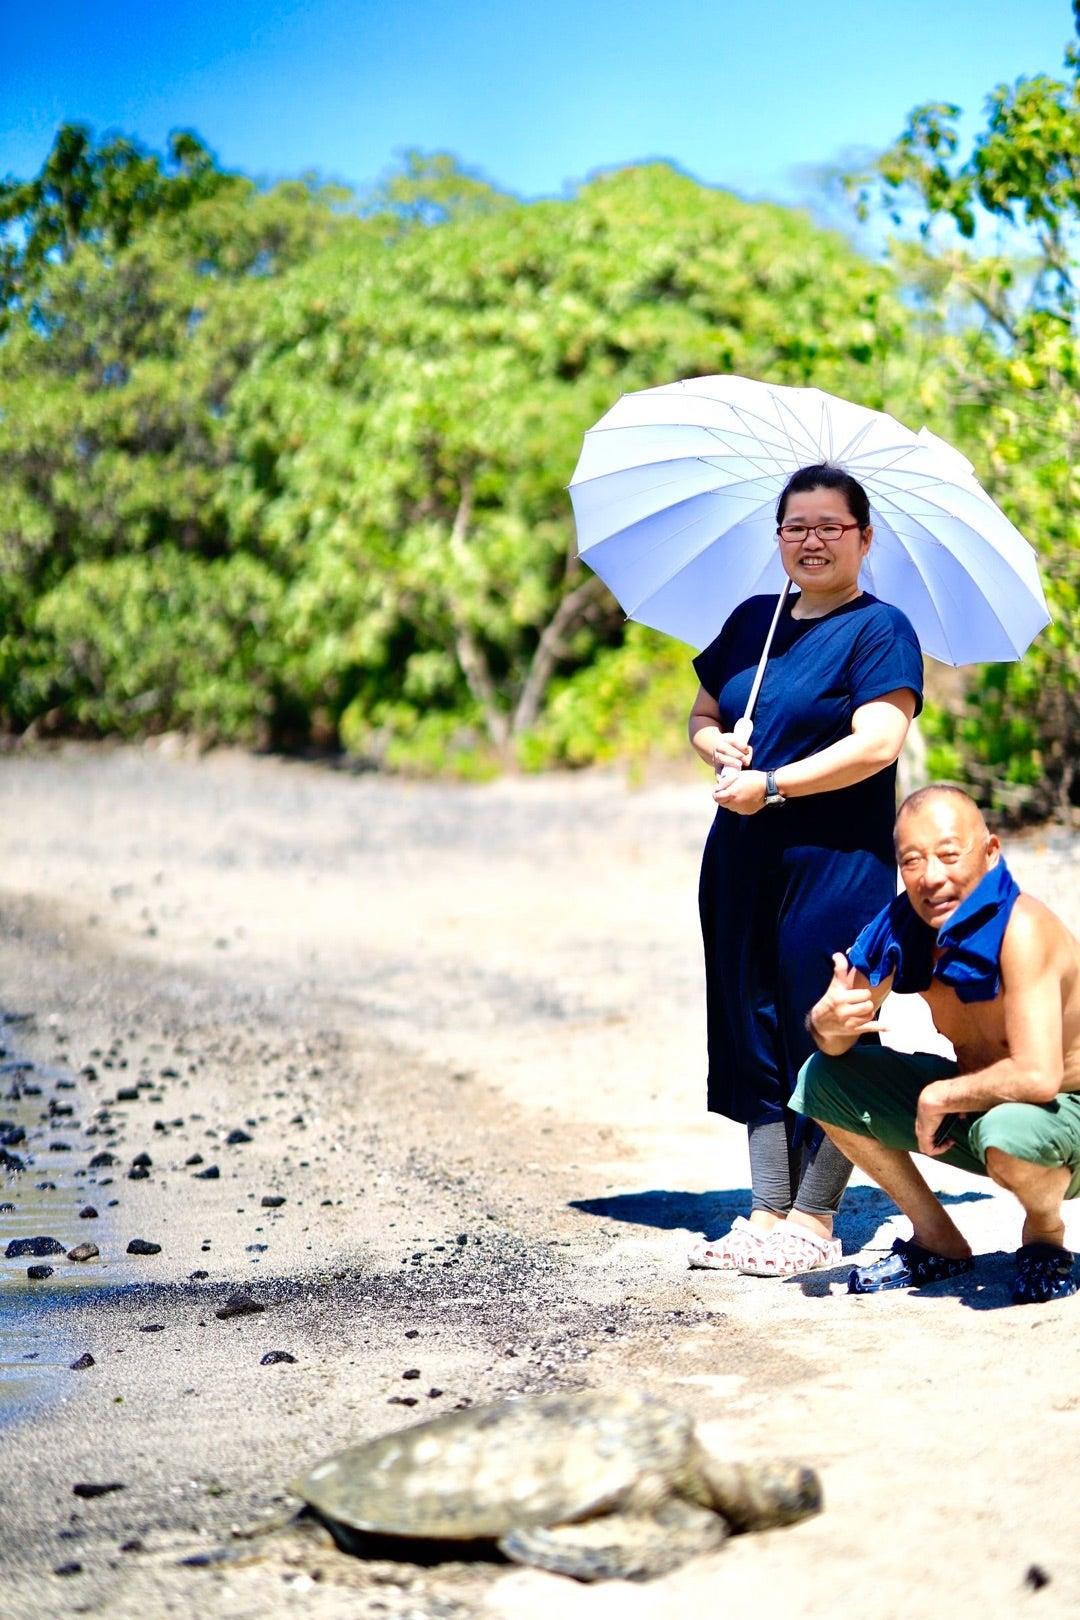 ハワイ島プウホヌア・オ・ホナウナウ国立歴史公園、ペインテッドチャーチ、村松 農園、木村さん前半